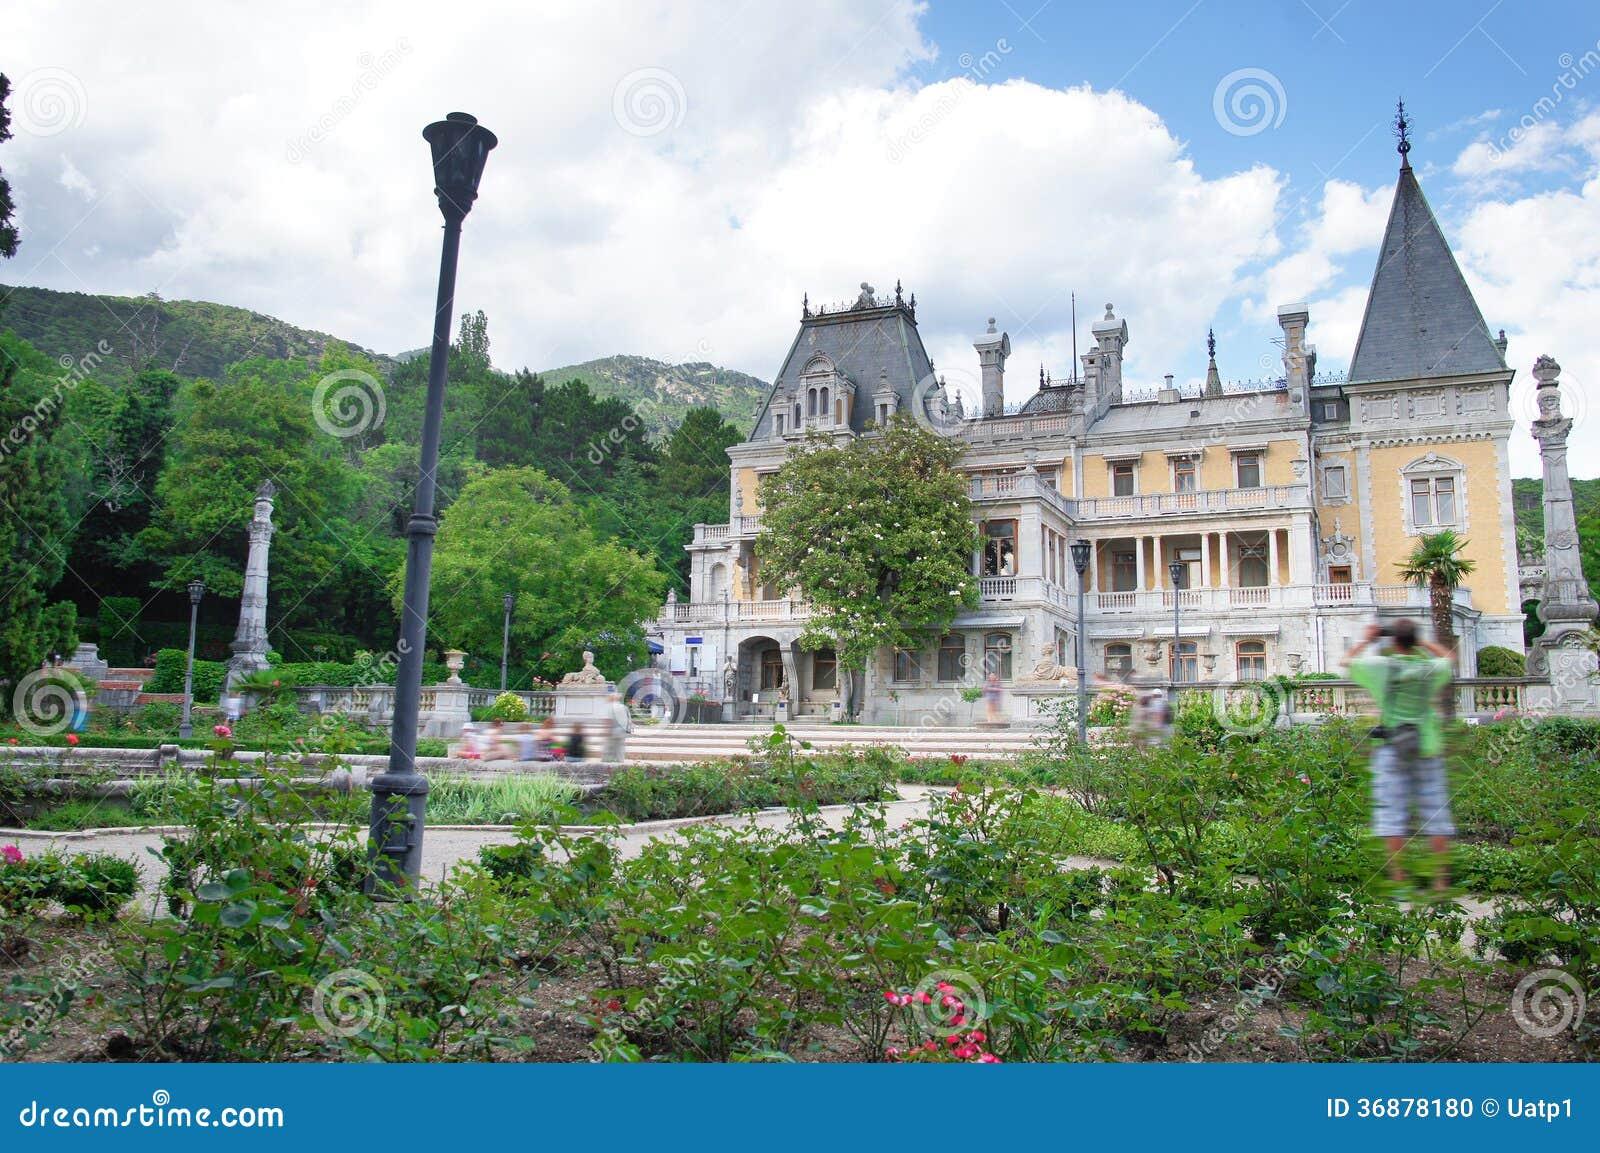 Download Palazzo di Vorontsov fotografia stock. Immagine di architettura - 36878180